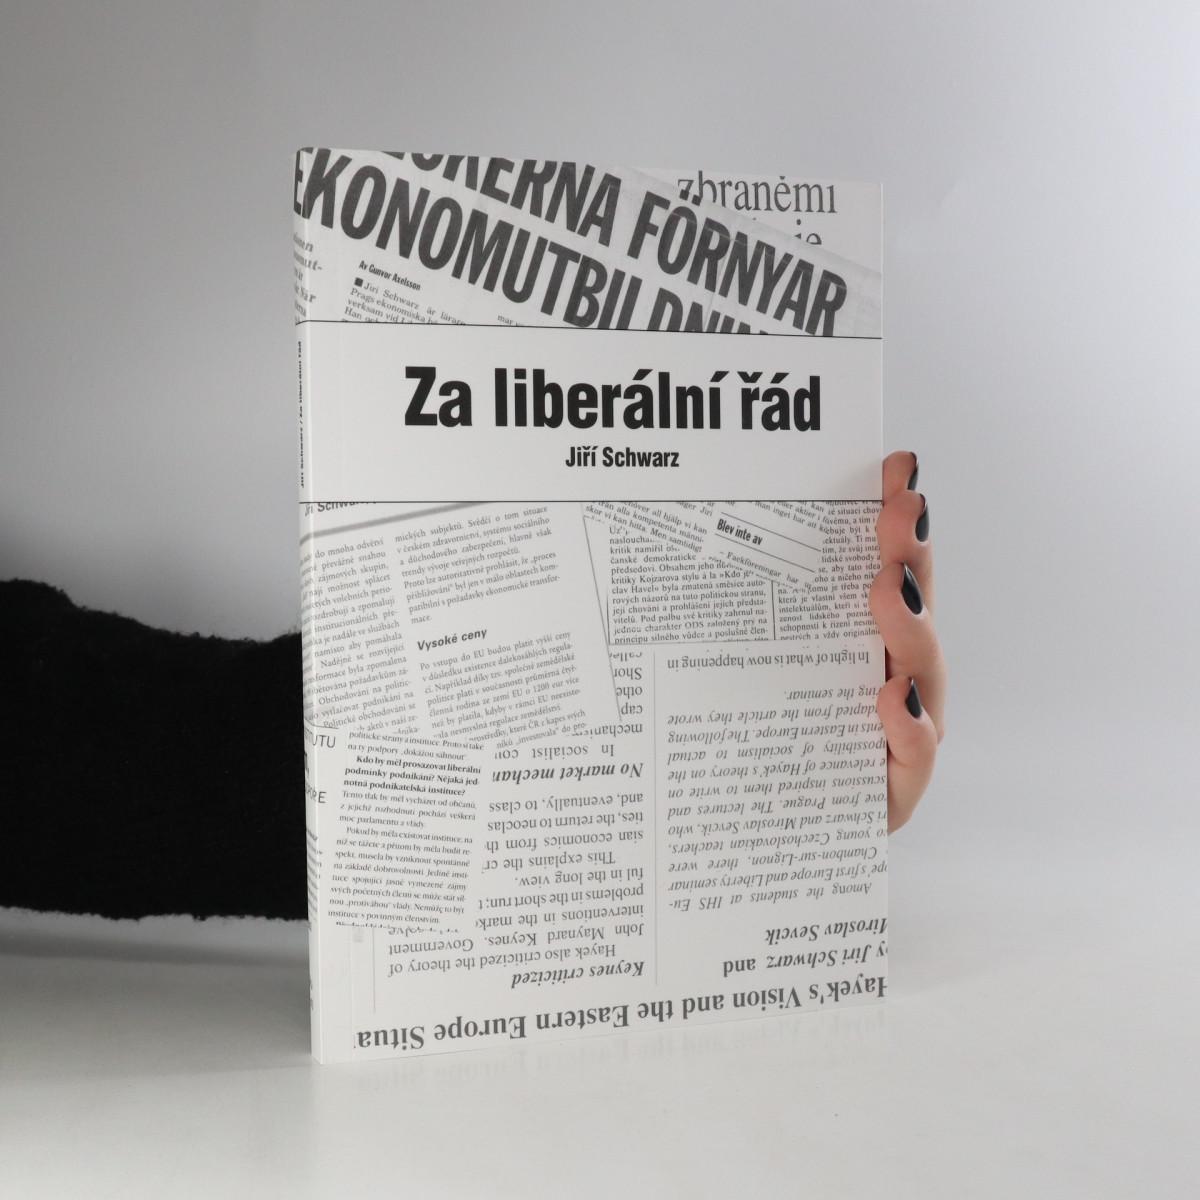 antikvární kniha Za liberální řád. Výběr ze studií, statí a článků, 2003